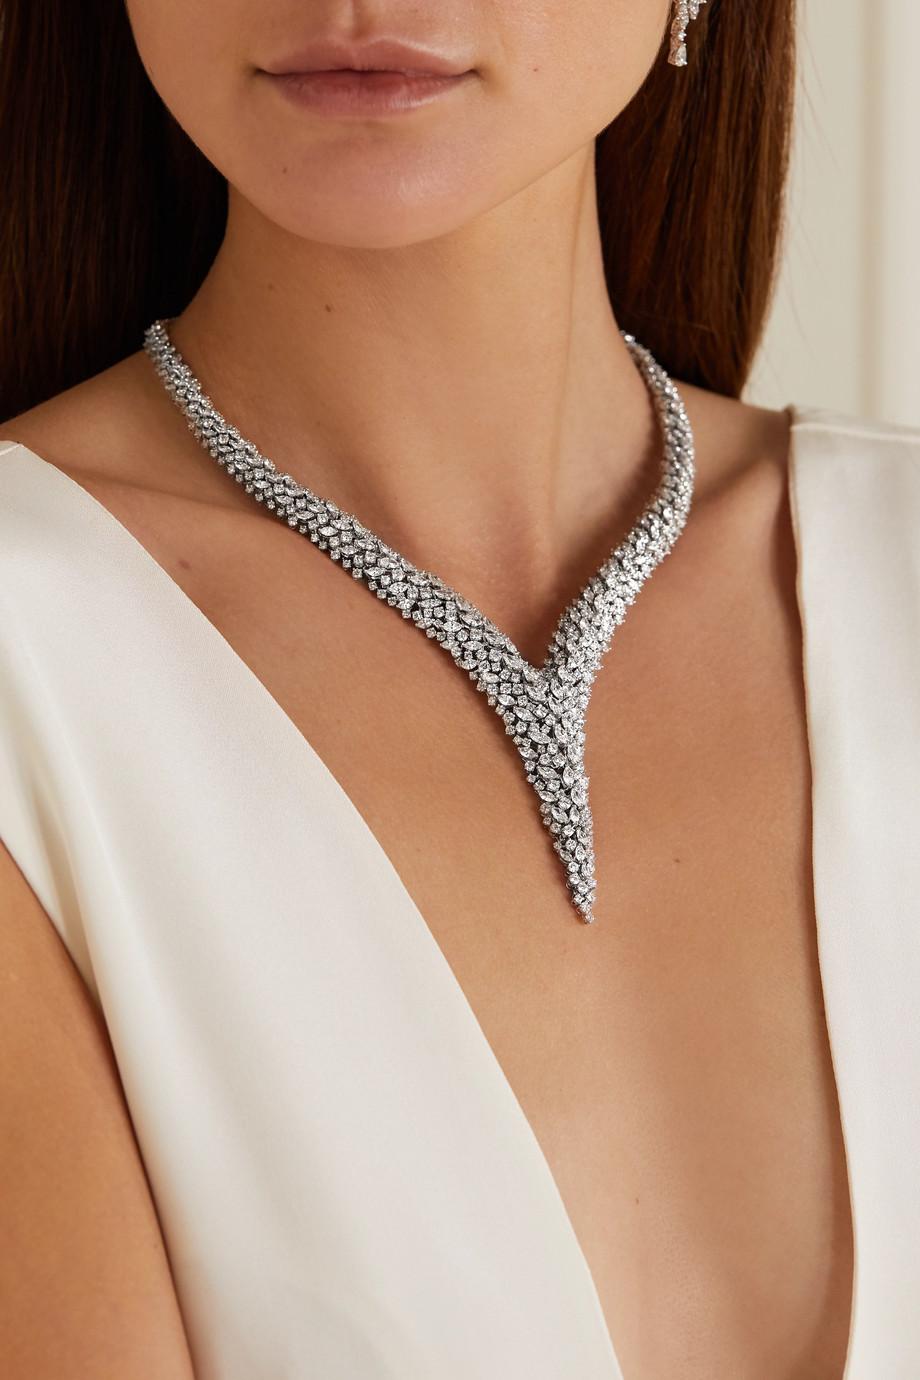 YEPREM 18-karat white gold diamond necklace